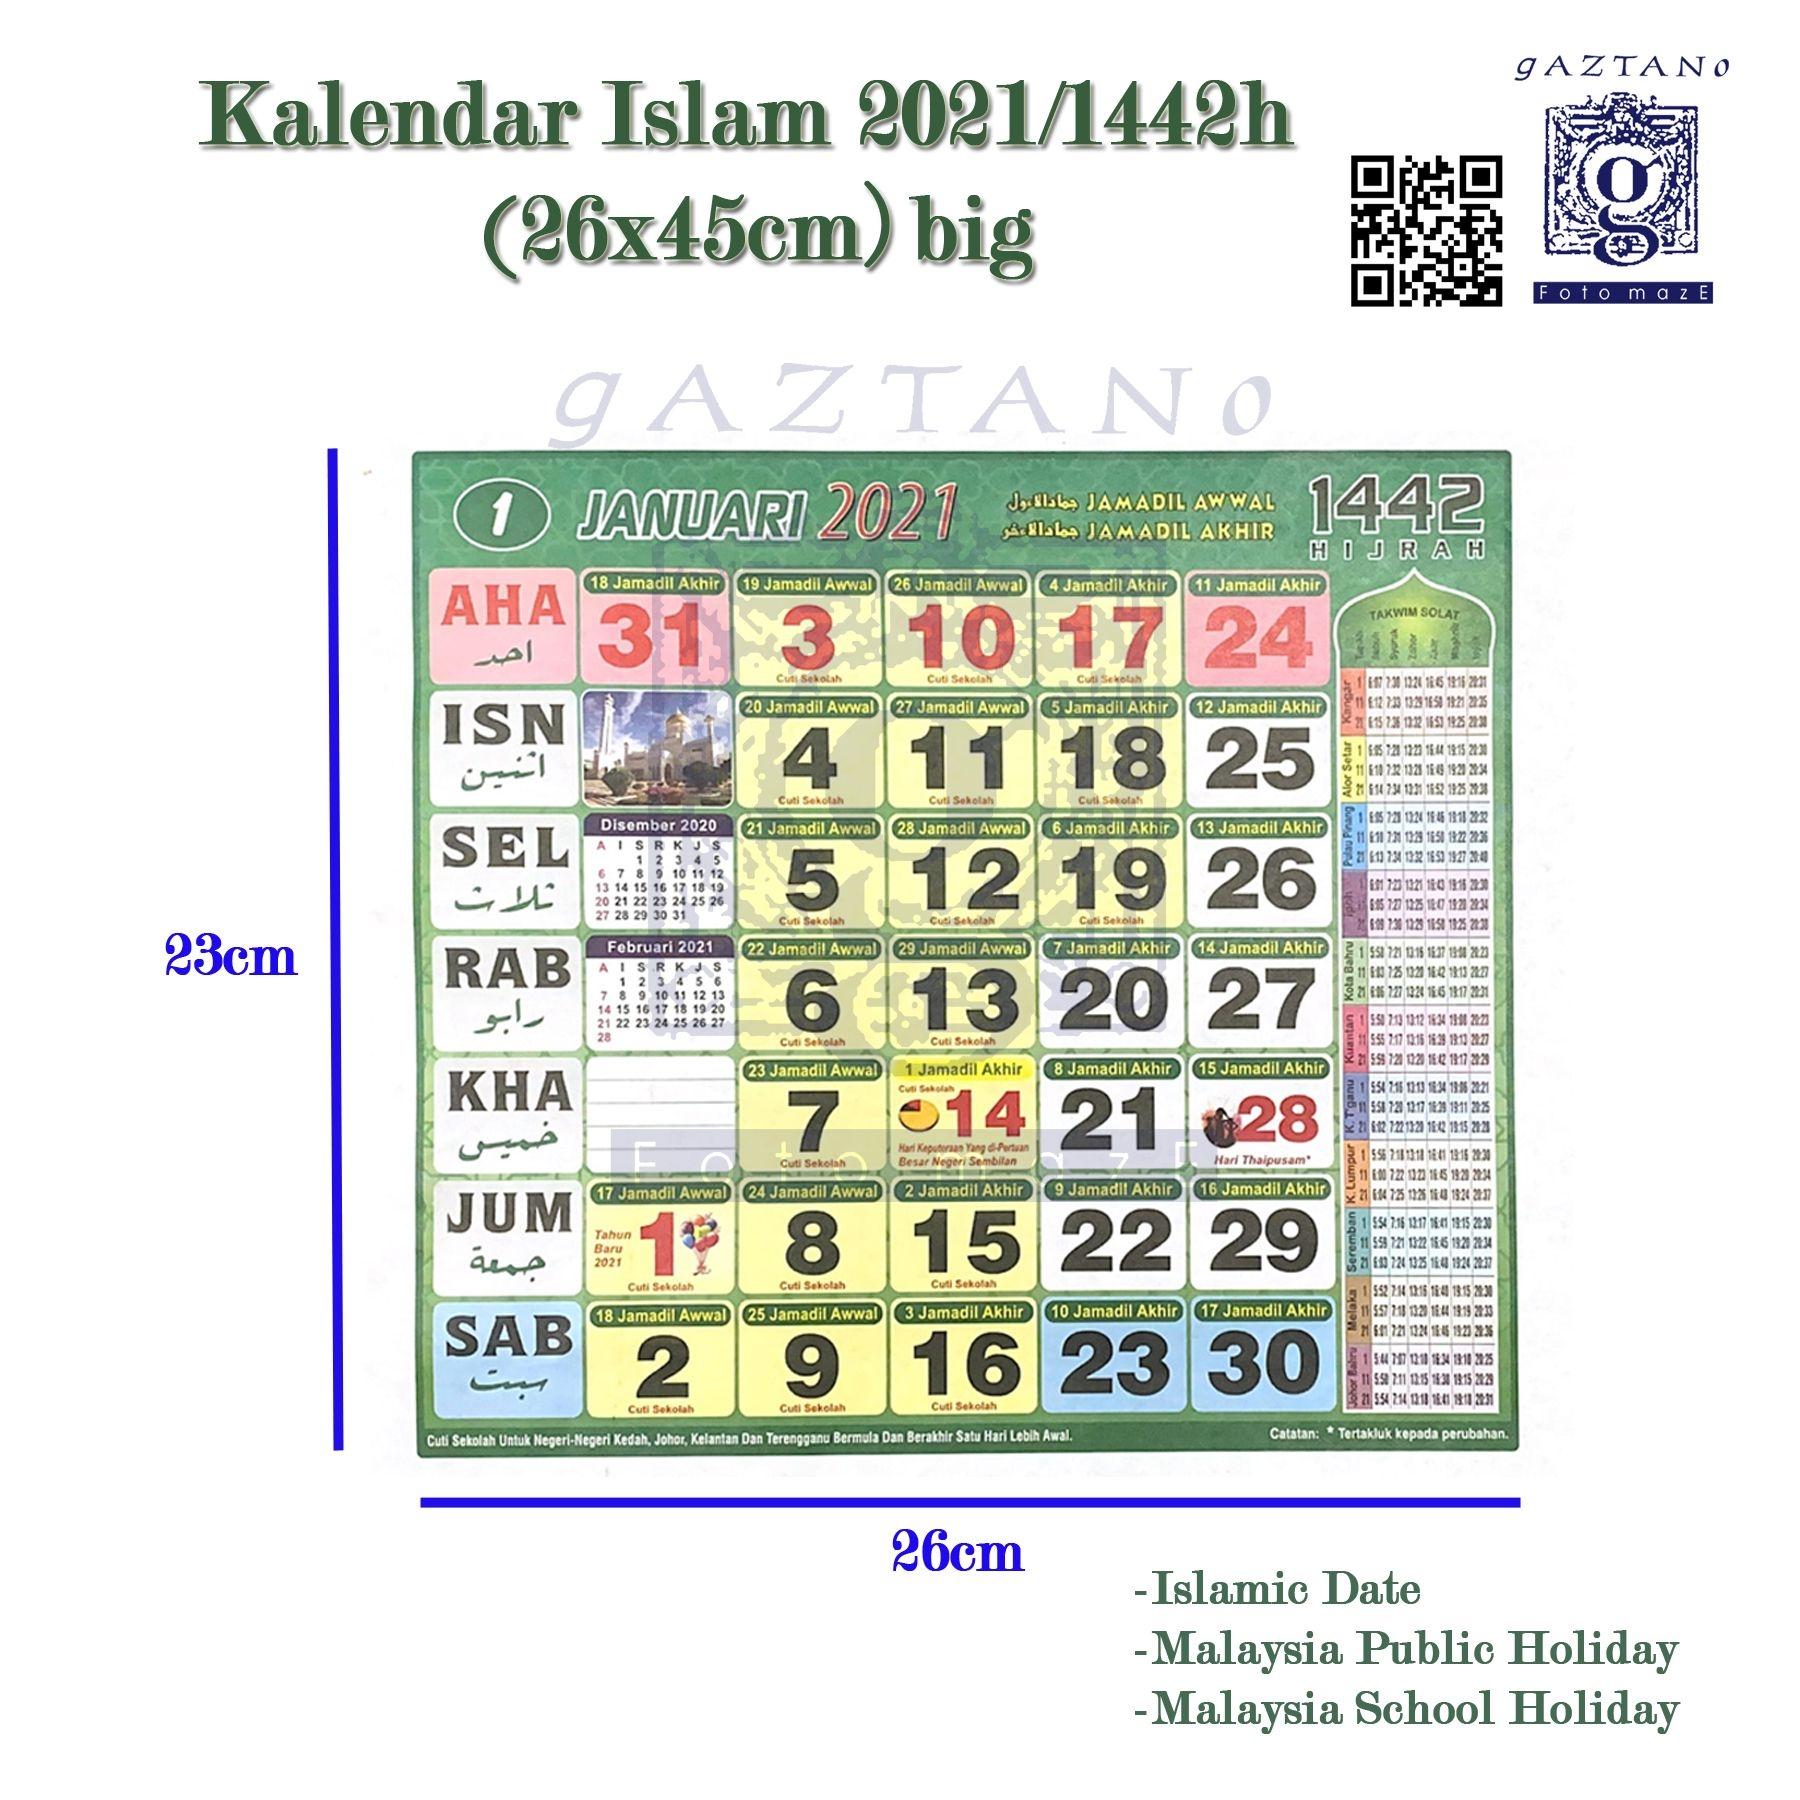 Kalender Islam 2021 - Fitur Terbaik Kalender Islam 2021